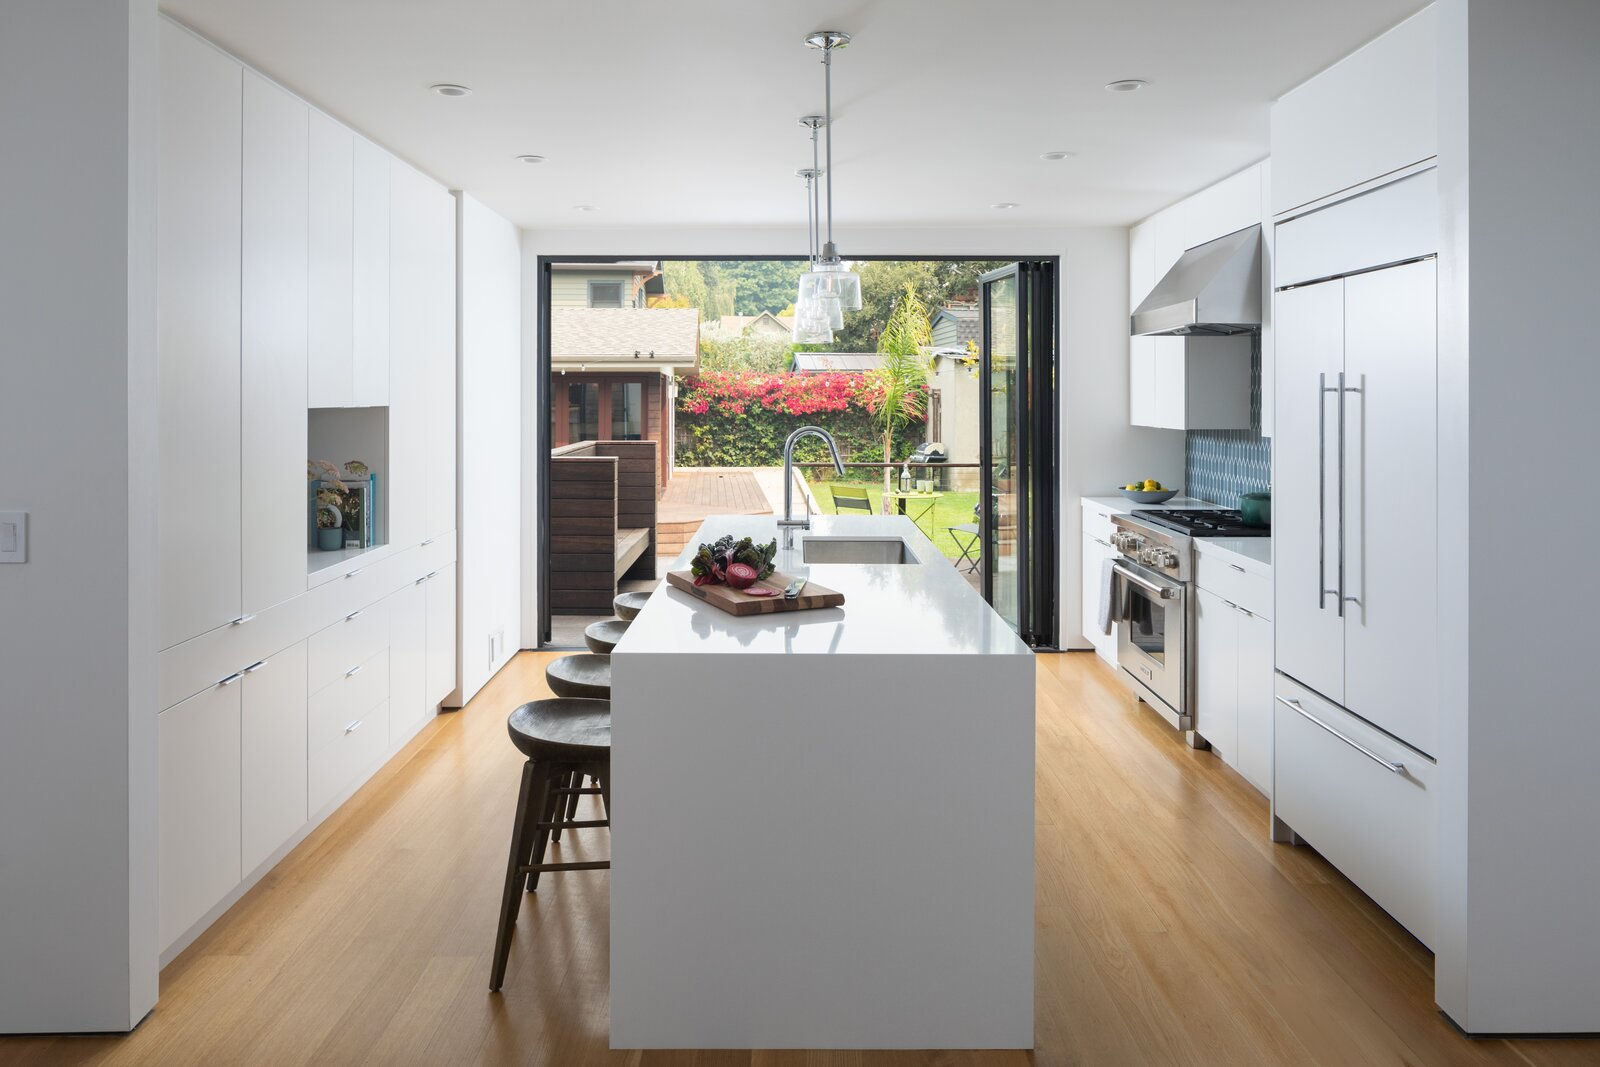 Berkeley budget breakdown Bay area renovation Heath tiles  Nano doors indoor-outdoor